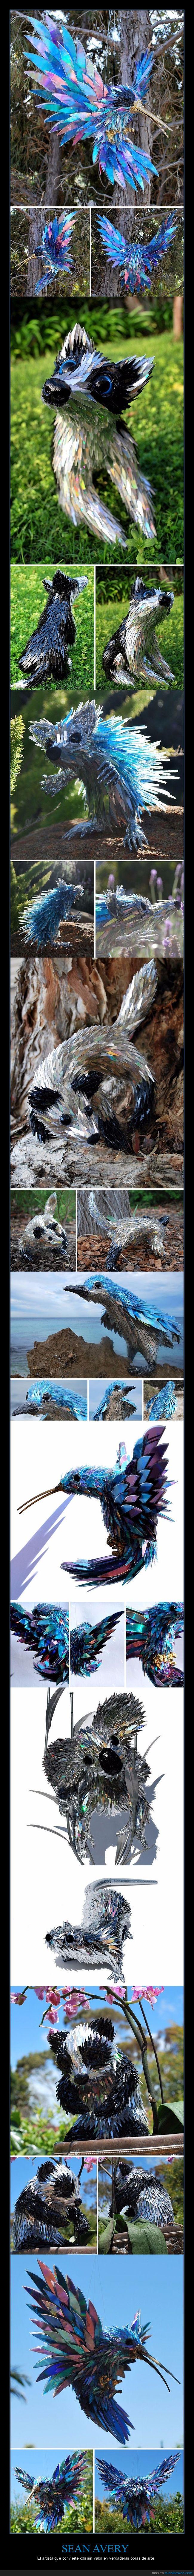 animales,cd,colibrí,esculturas,koala,pájaro